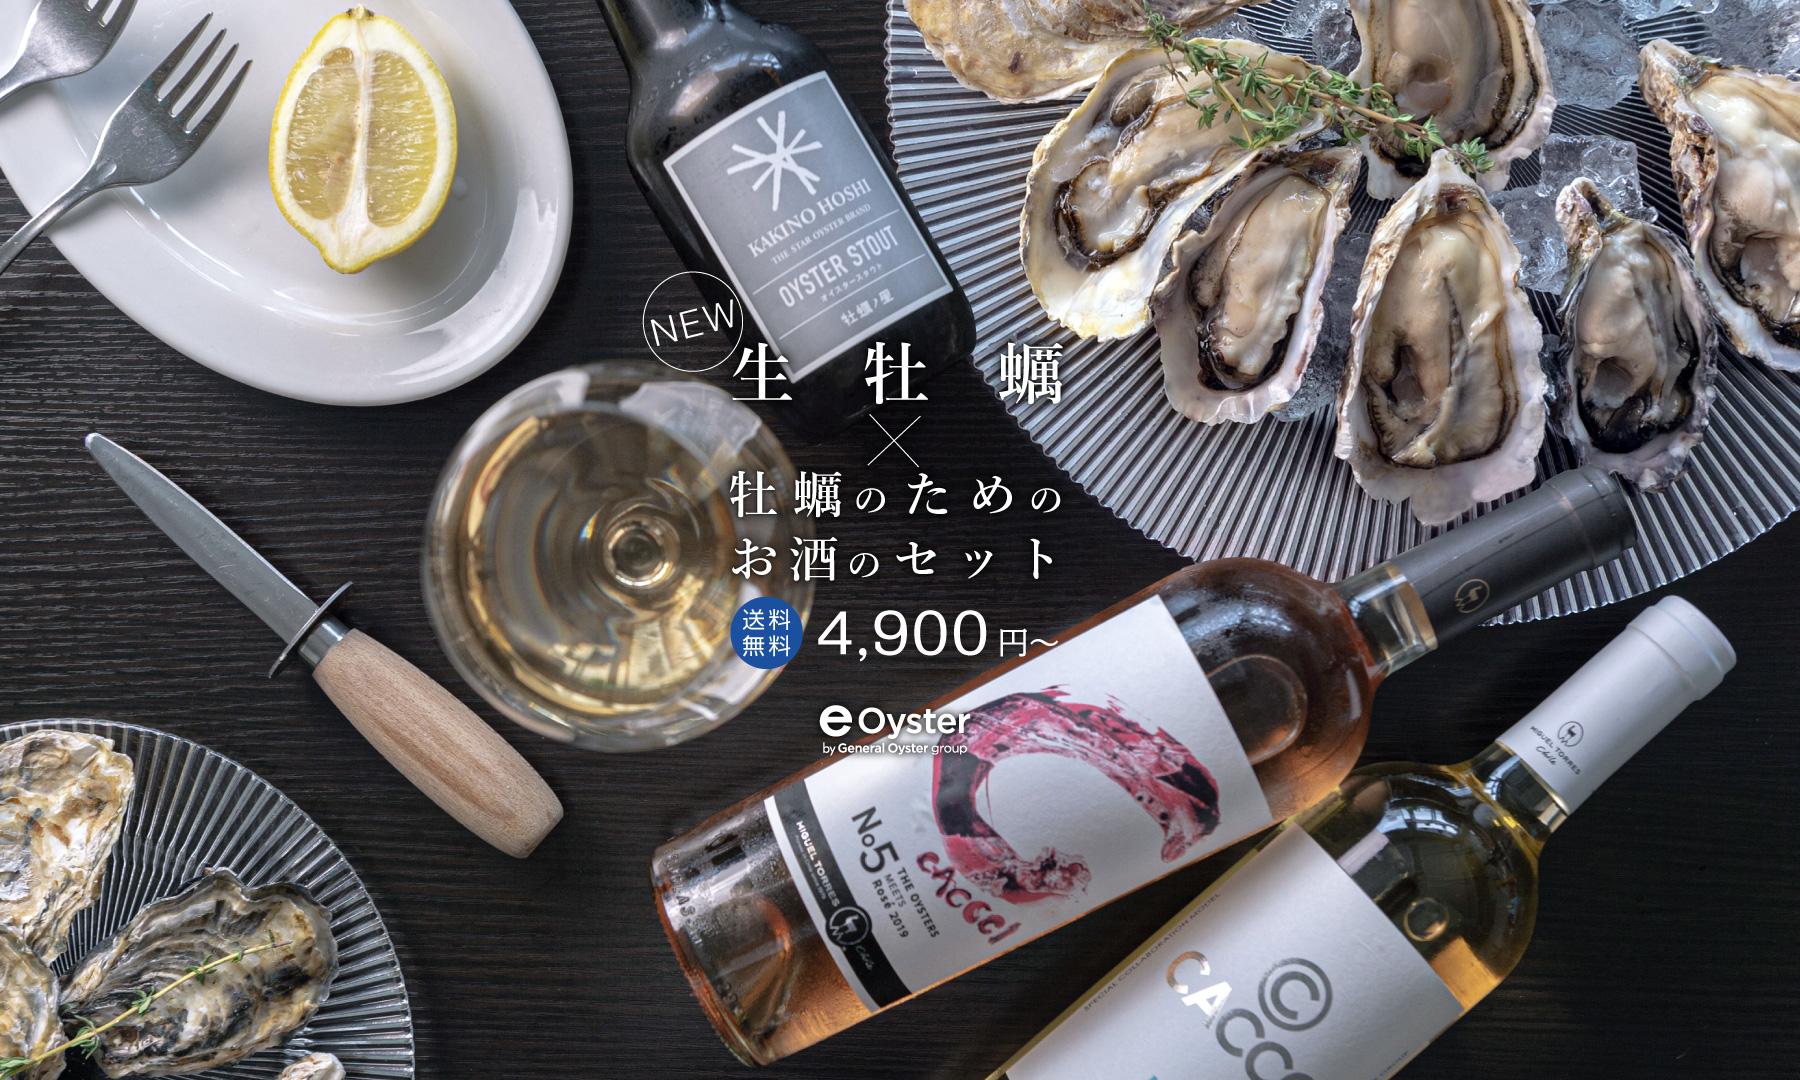 生牡蠣と牡蠣のためのお酒のセット